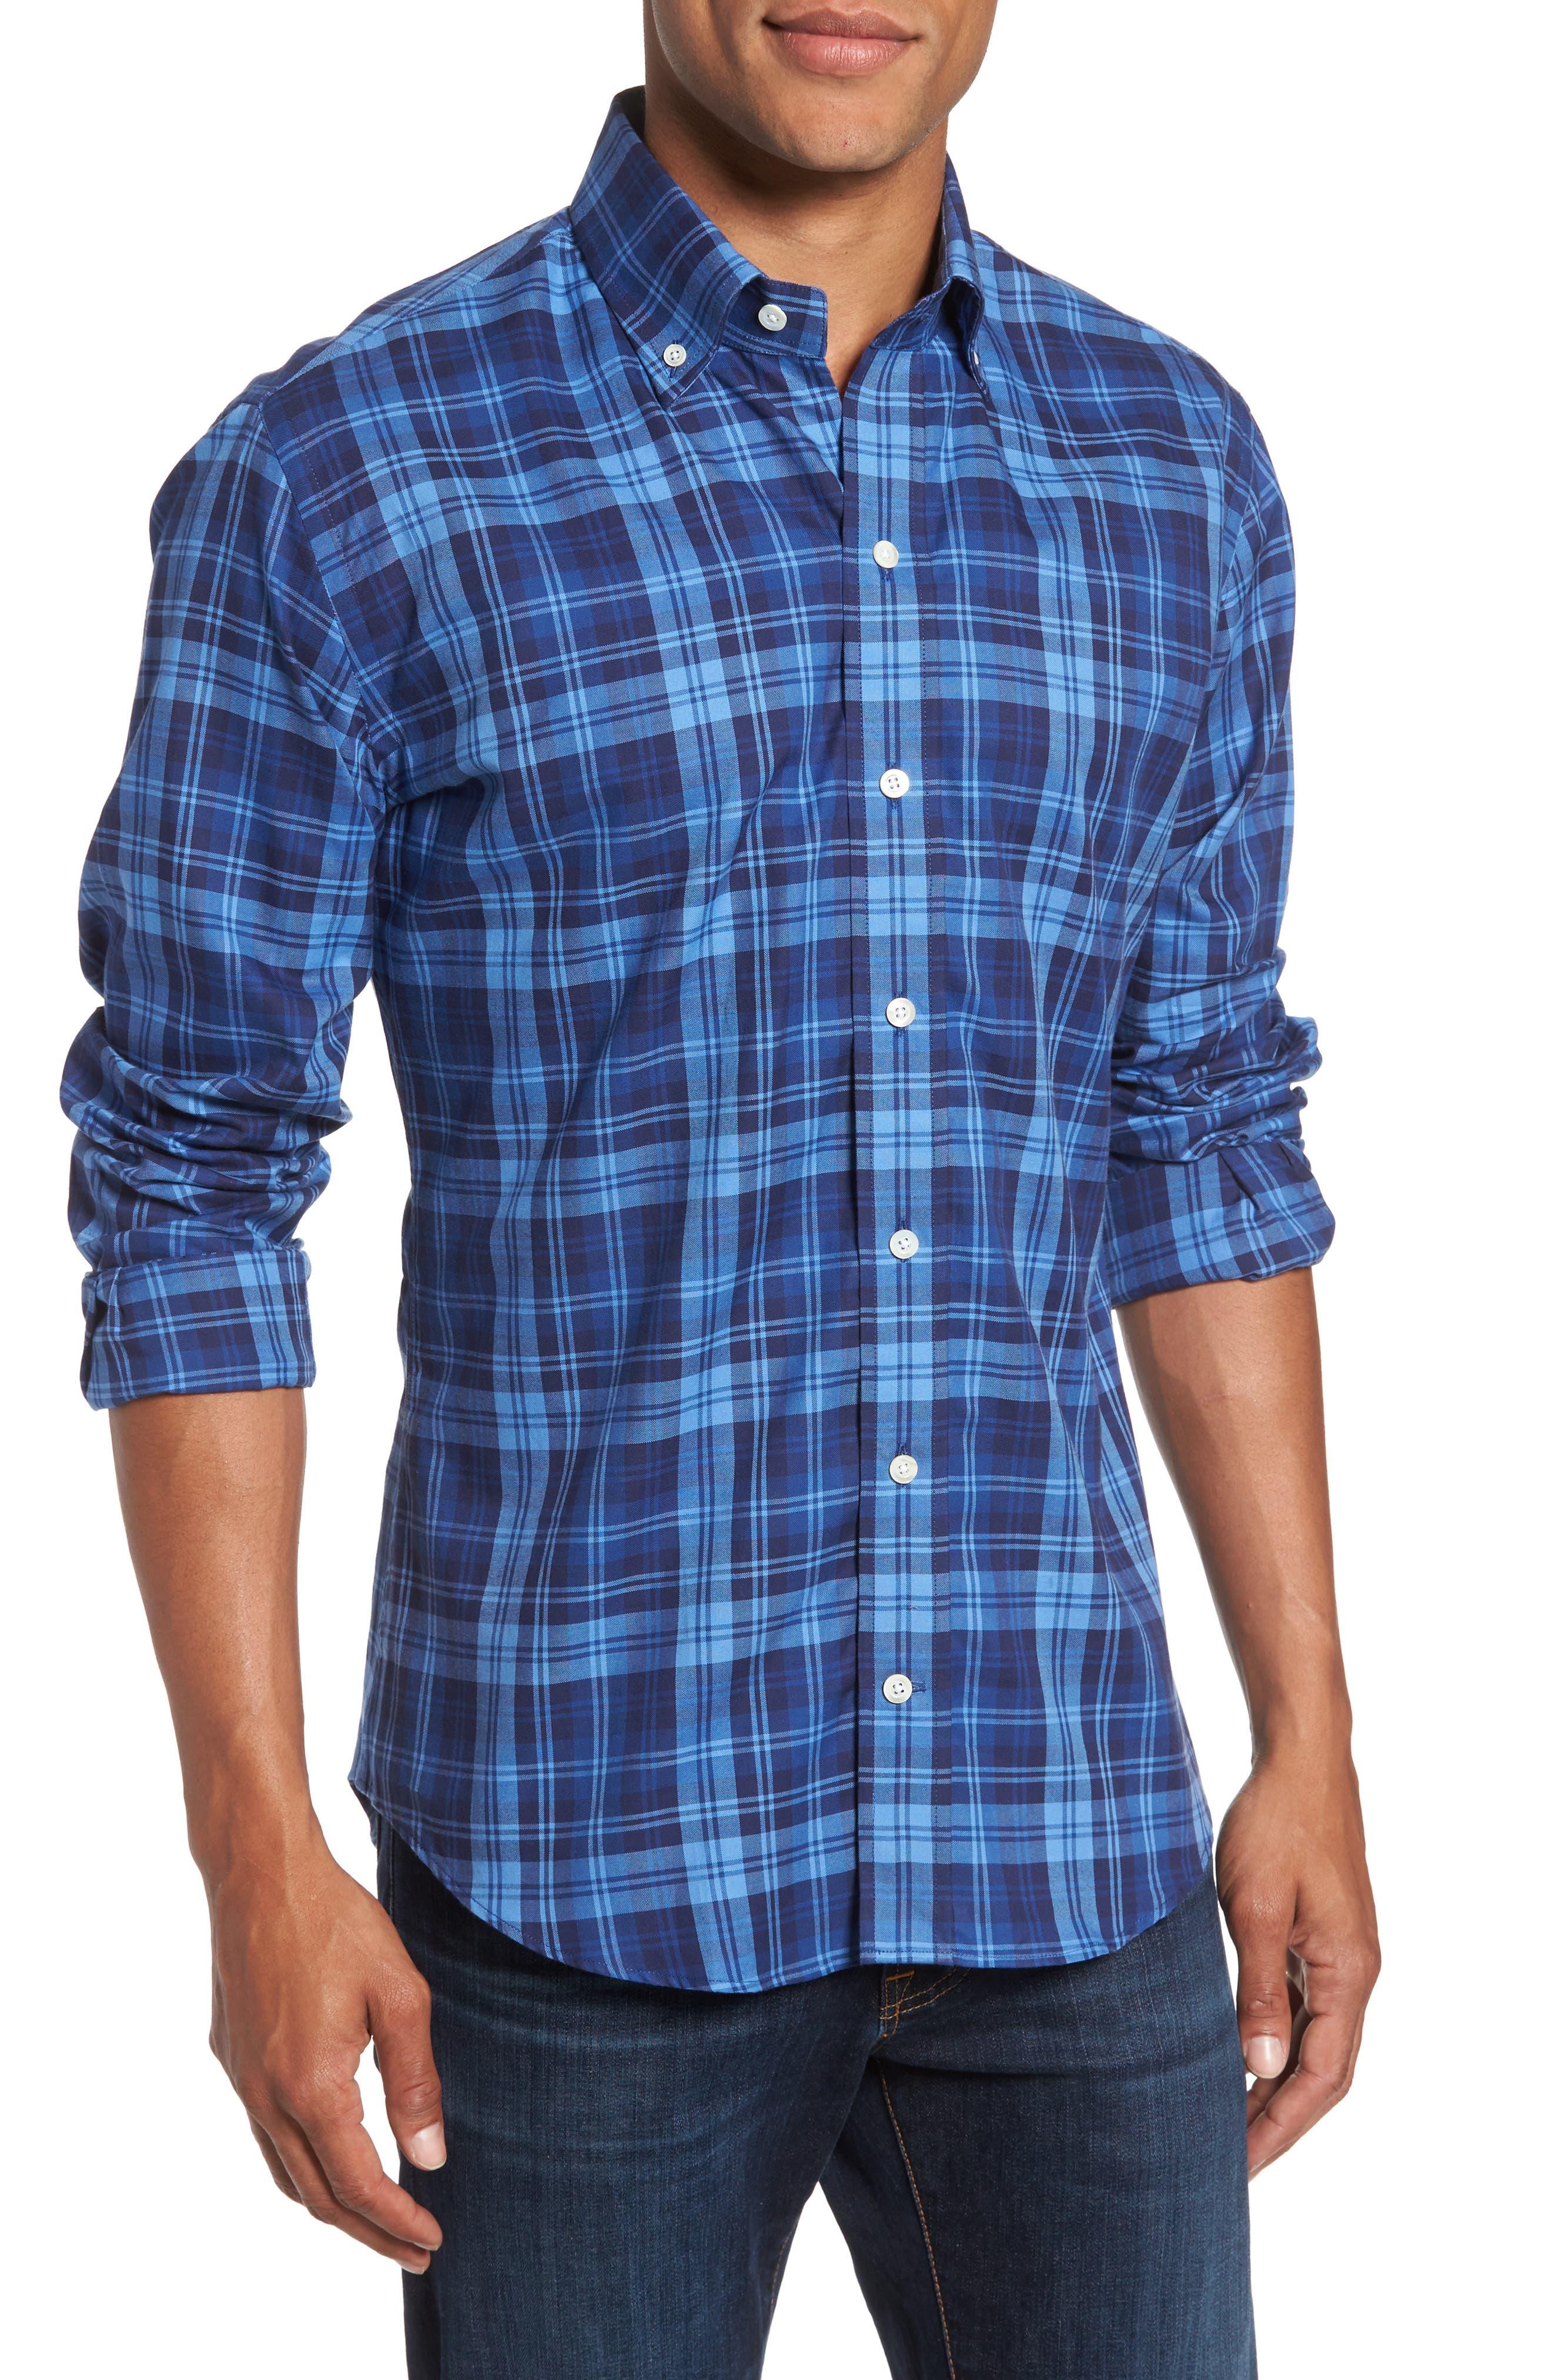 Main Image - Ledbury Slim Fit Plaid Sport Shirt